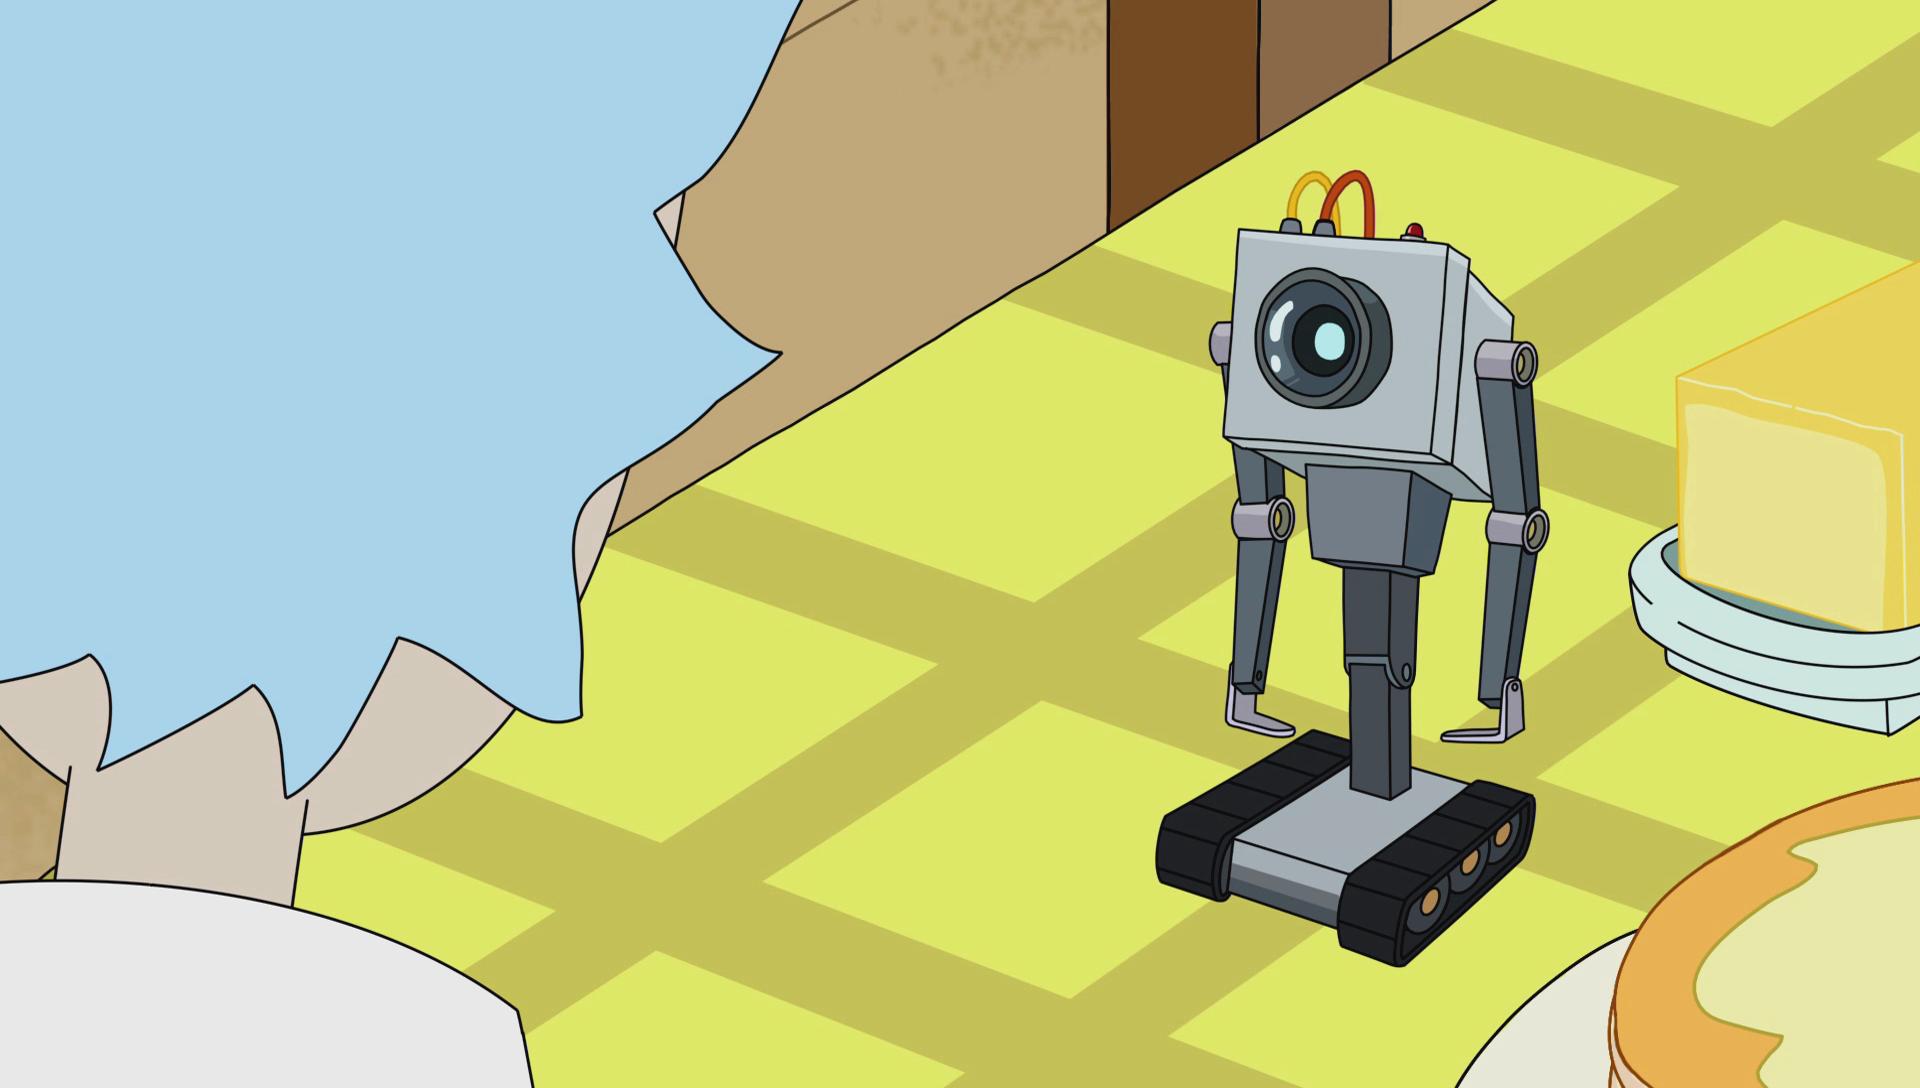 Butter Robot